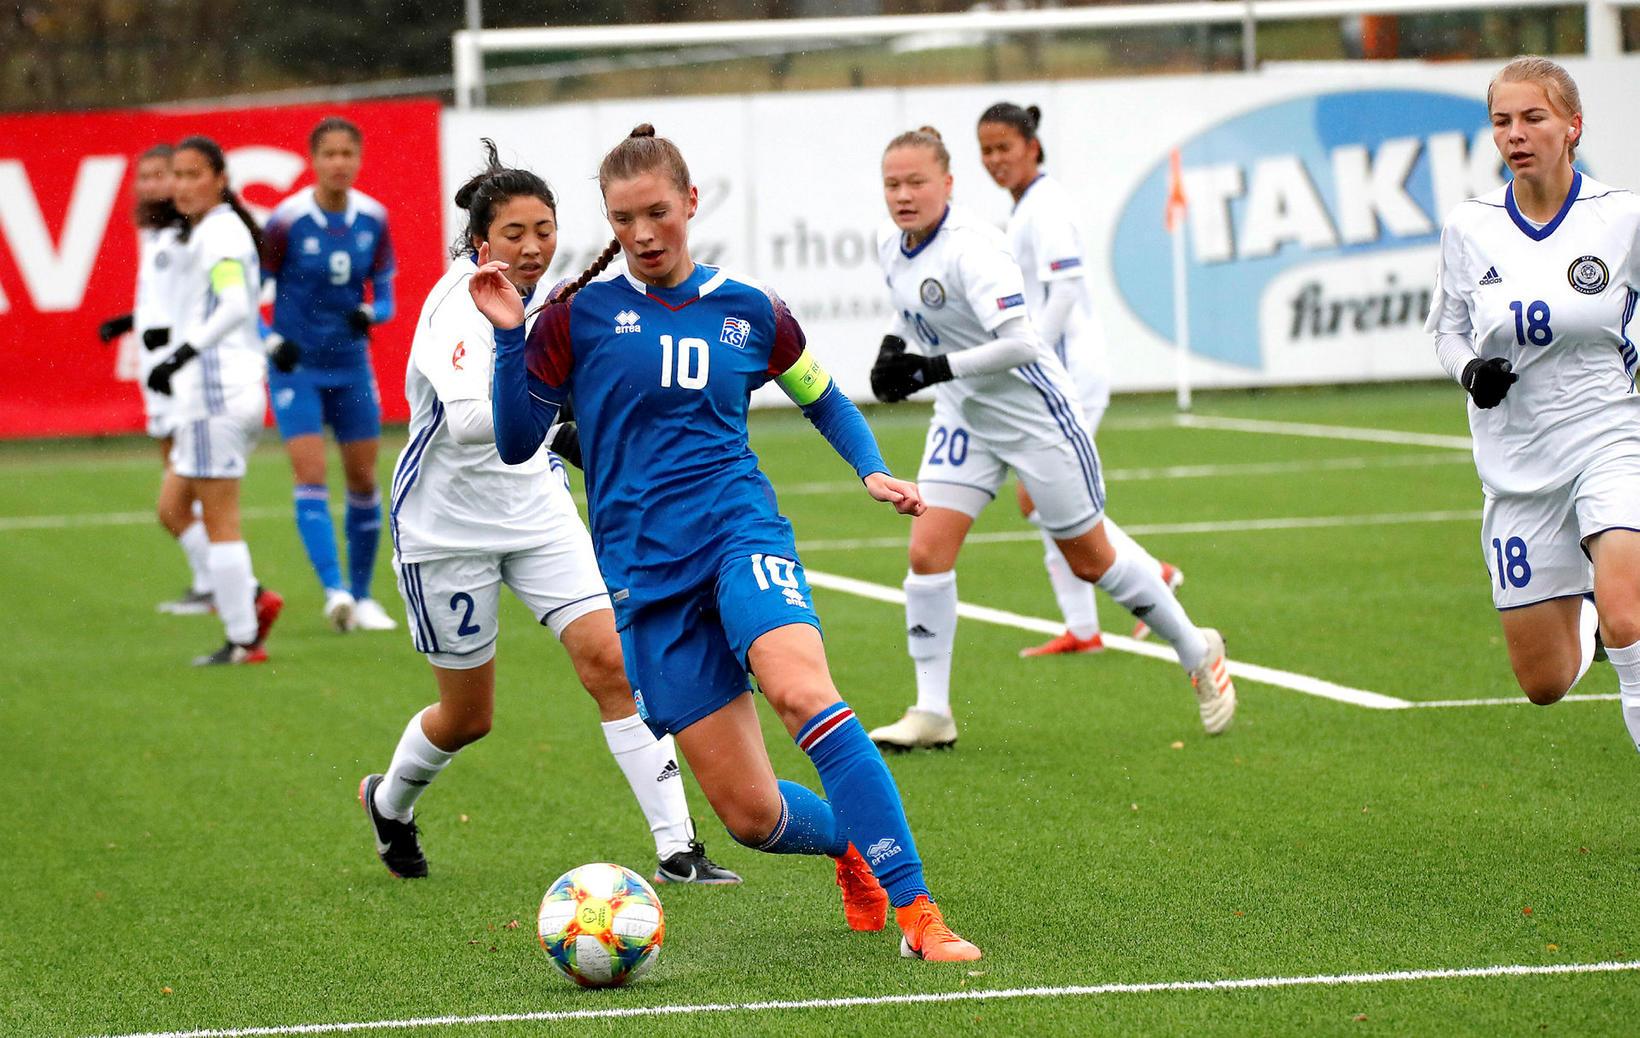 Karólína Lea Vilhjálmsdóttir hefur verið fyrirliði U19 ára landsliðs Íslands.